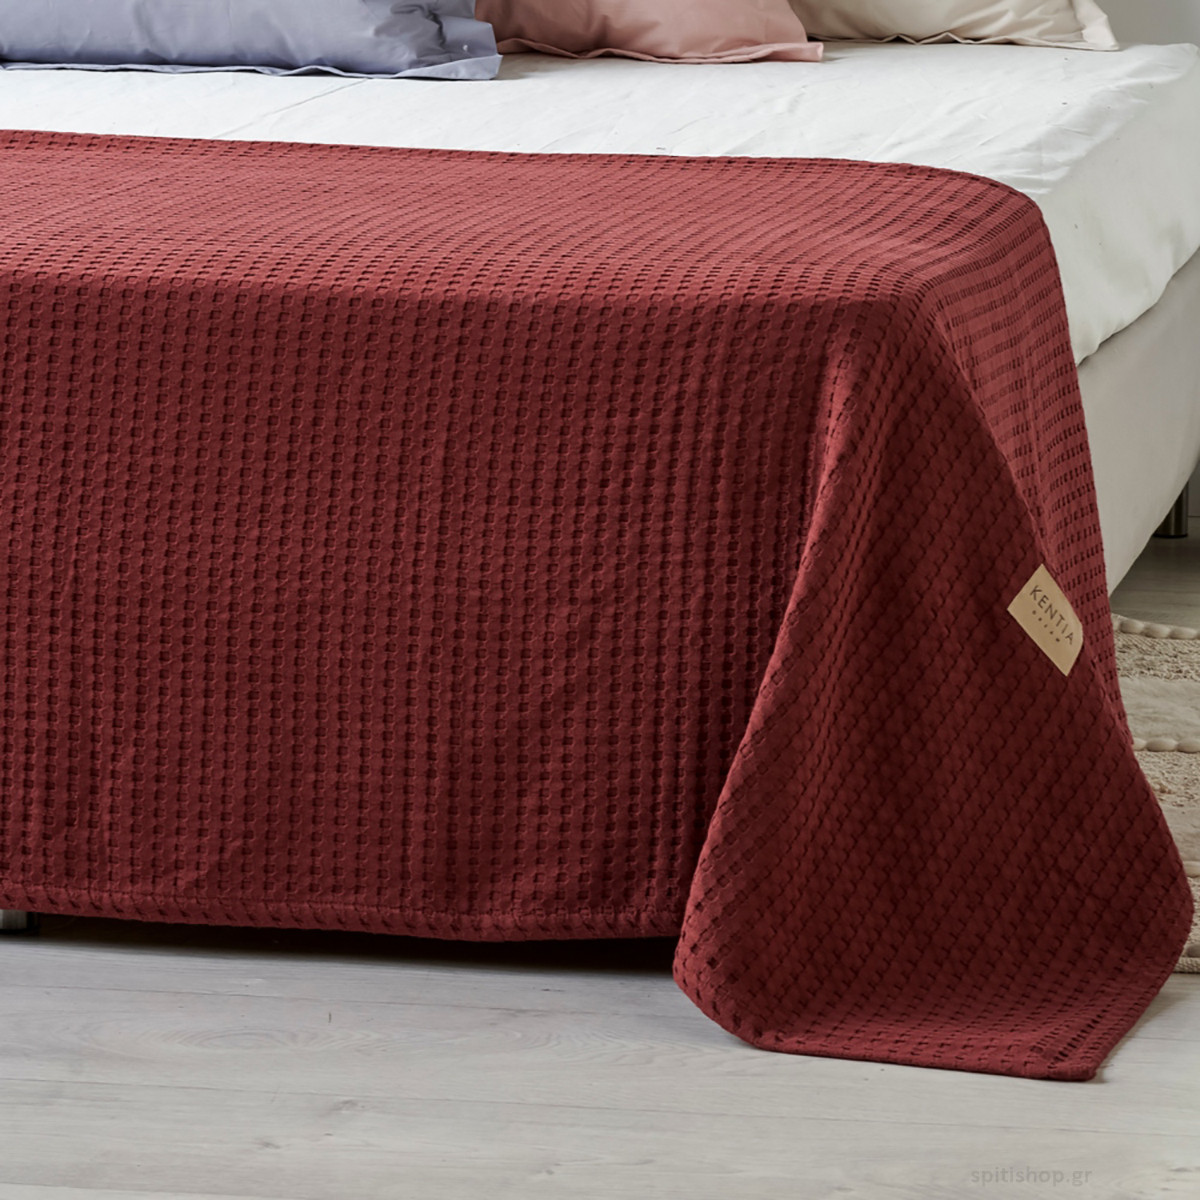 Κουβέρτα Πικέ King Size Kentia Loft Mariner 05 home   κρεβατοκάμαρα   κουβέρτες   κουβέρτες πικέ υπέρδιπλες